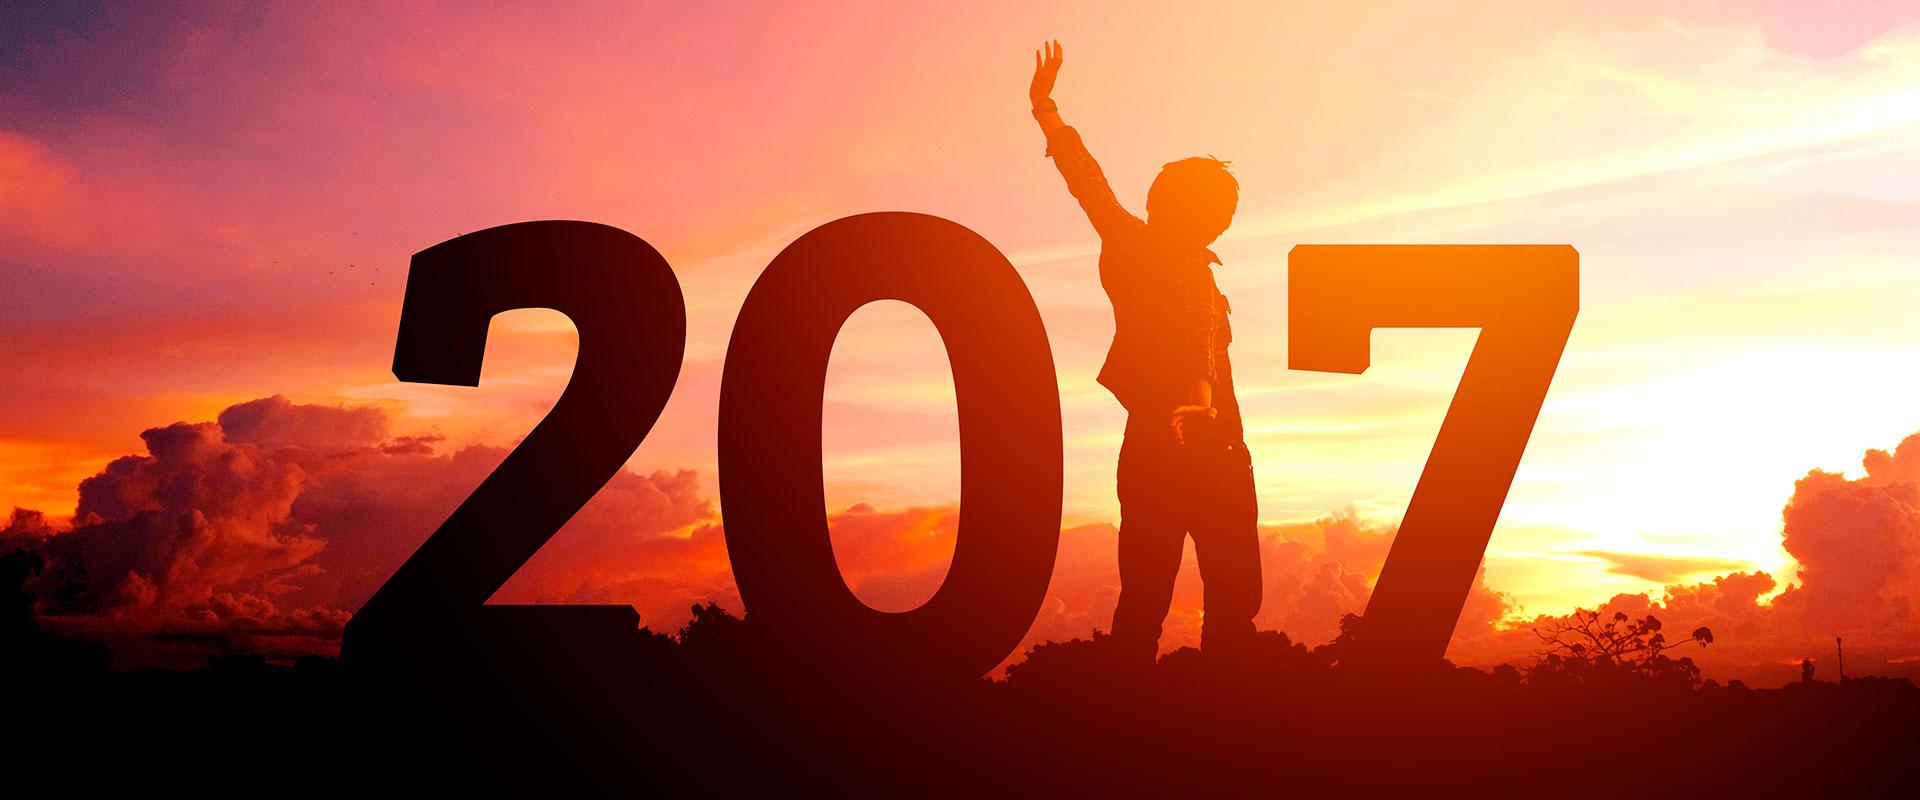 Imagen de persona viendo el atardecer, recibiendo el año 2017.